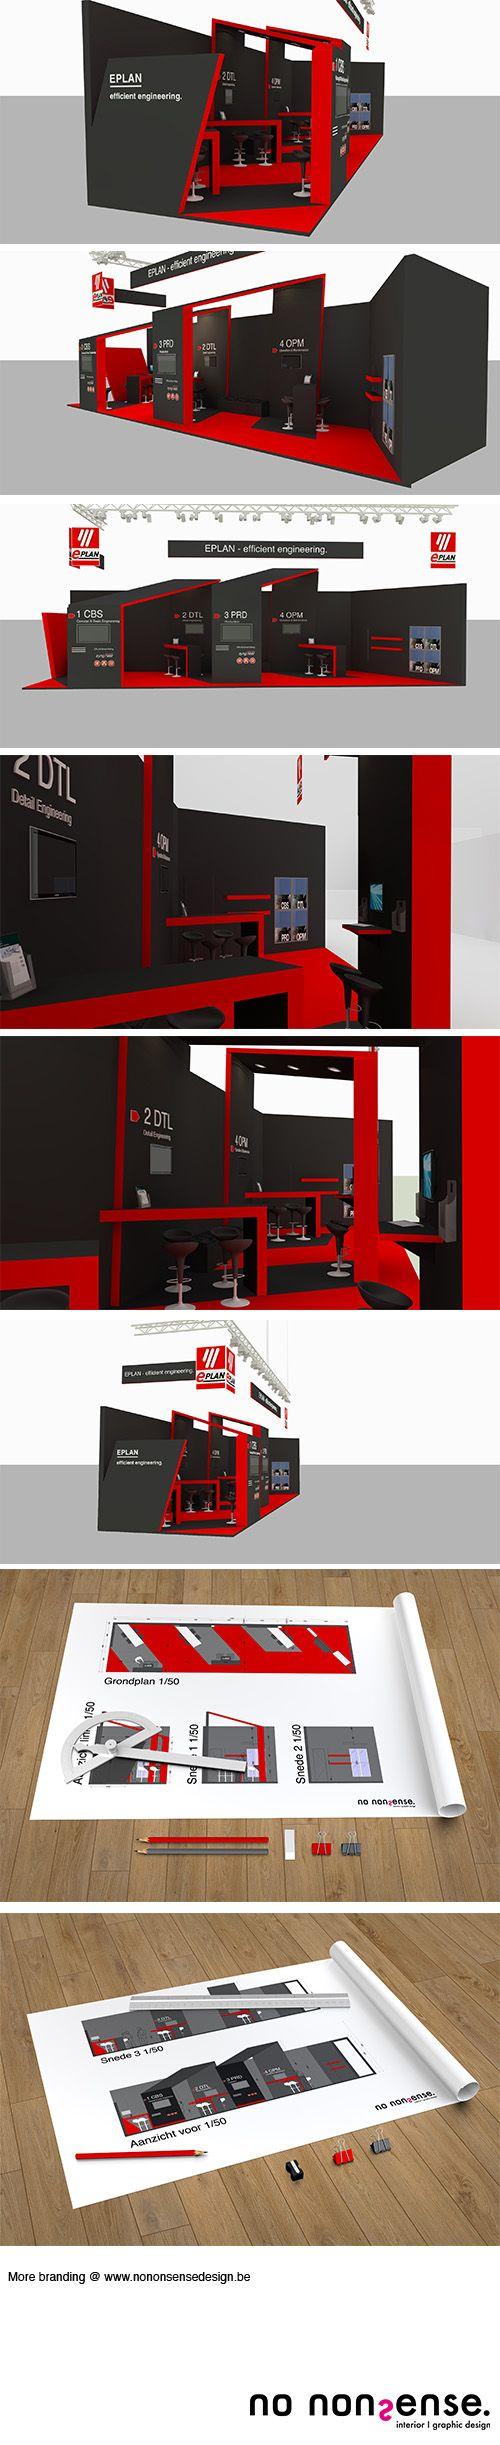 #Ontwerp van een beursstand voor E-plan waar de #merkbeleving zeer sterk aanwezig is. De #beursstand heeft een open en uitnodigend karakter door het spelen van open delen (lage drempel om beursstand te betreden) en gesloten delen (wekt nieuwsgierigheid op). Tevens werd rekening gehouden we de #visibiliteit langs de 3 zijden waar passanten voorbij komen. Het merk E-plan is zichtbaar en voelbaar in de ruimte aanwezig. #branding #branddesign #exhibitiondesign #designer #interieurarchitectuur